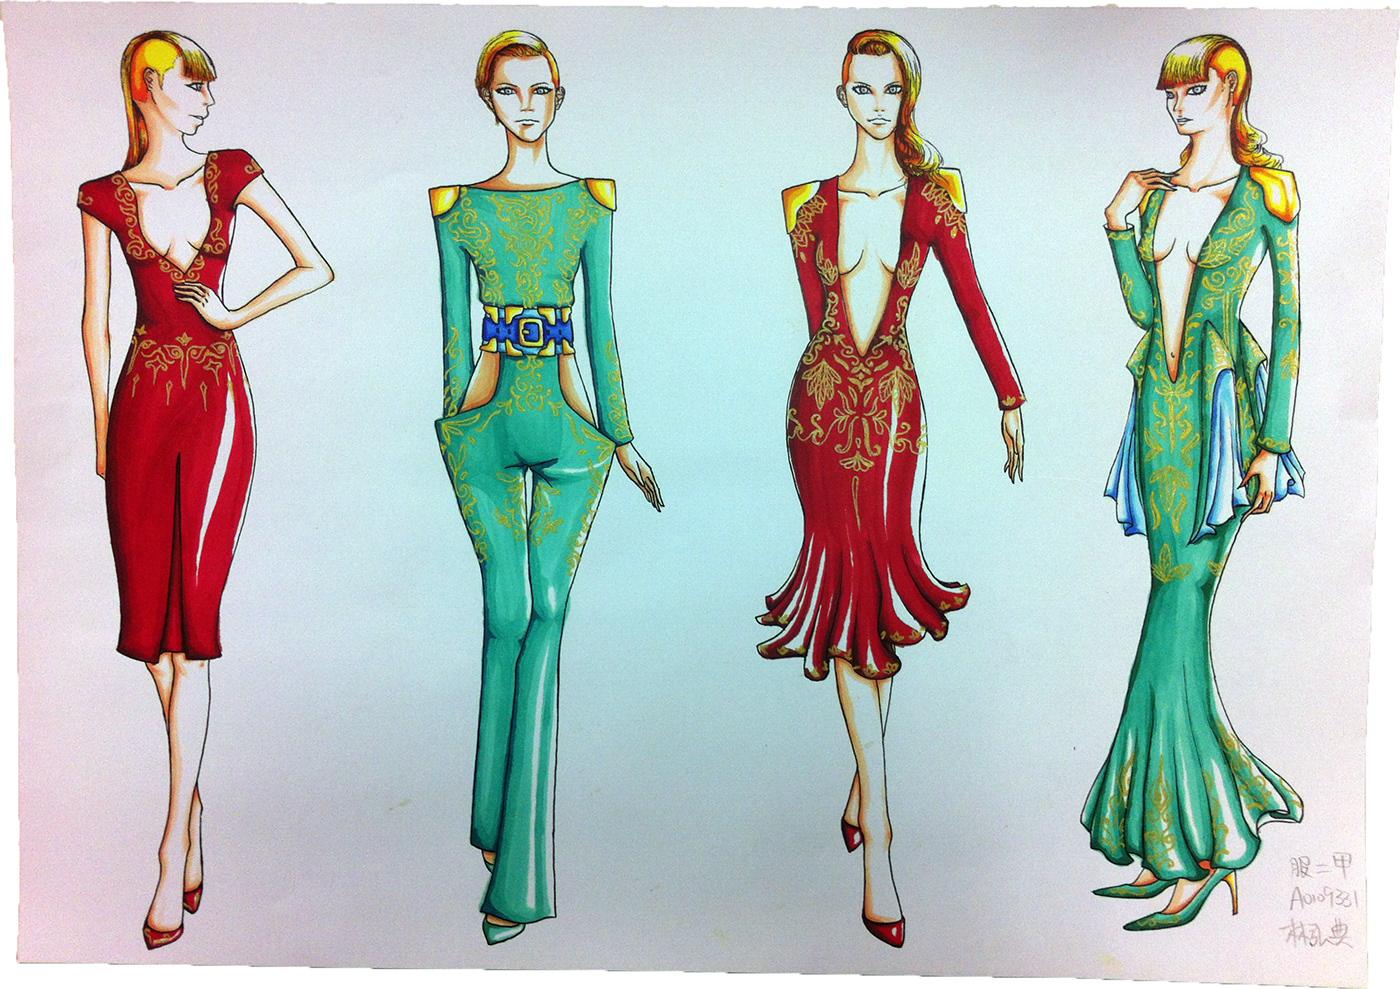 有獨特感的35個衣服設計圖欣賞